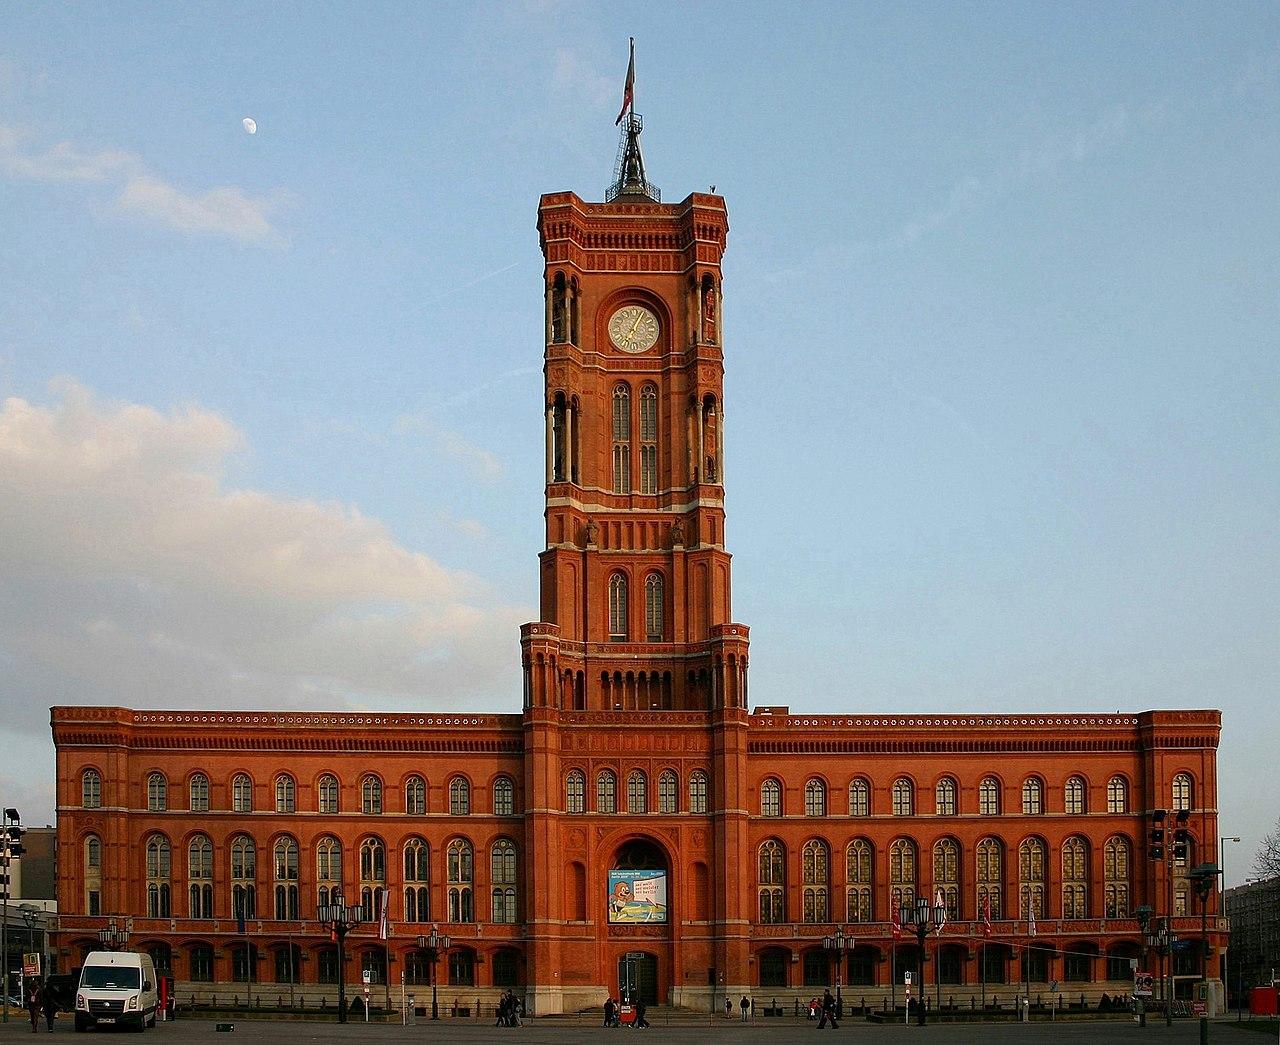 Rathaus der Stadt Berlin und Sitz der Senatskanzlei des Landes Berlin